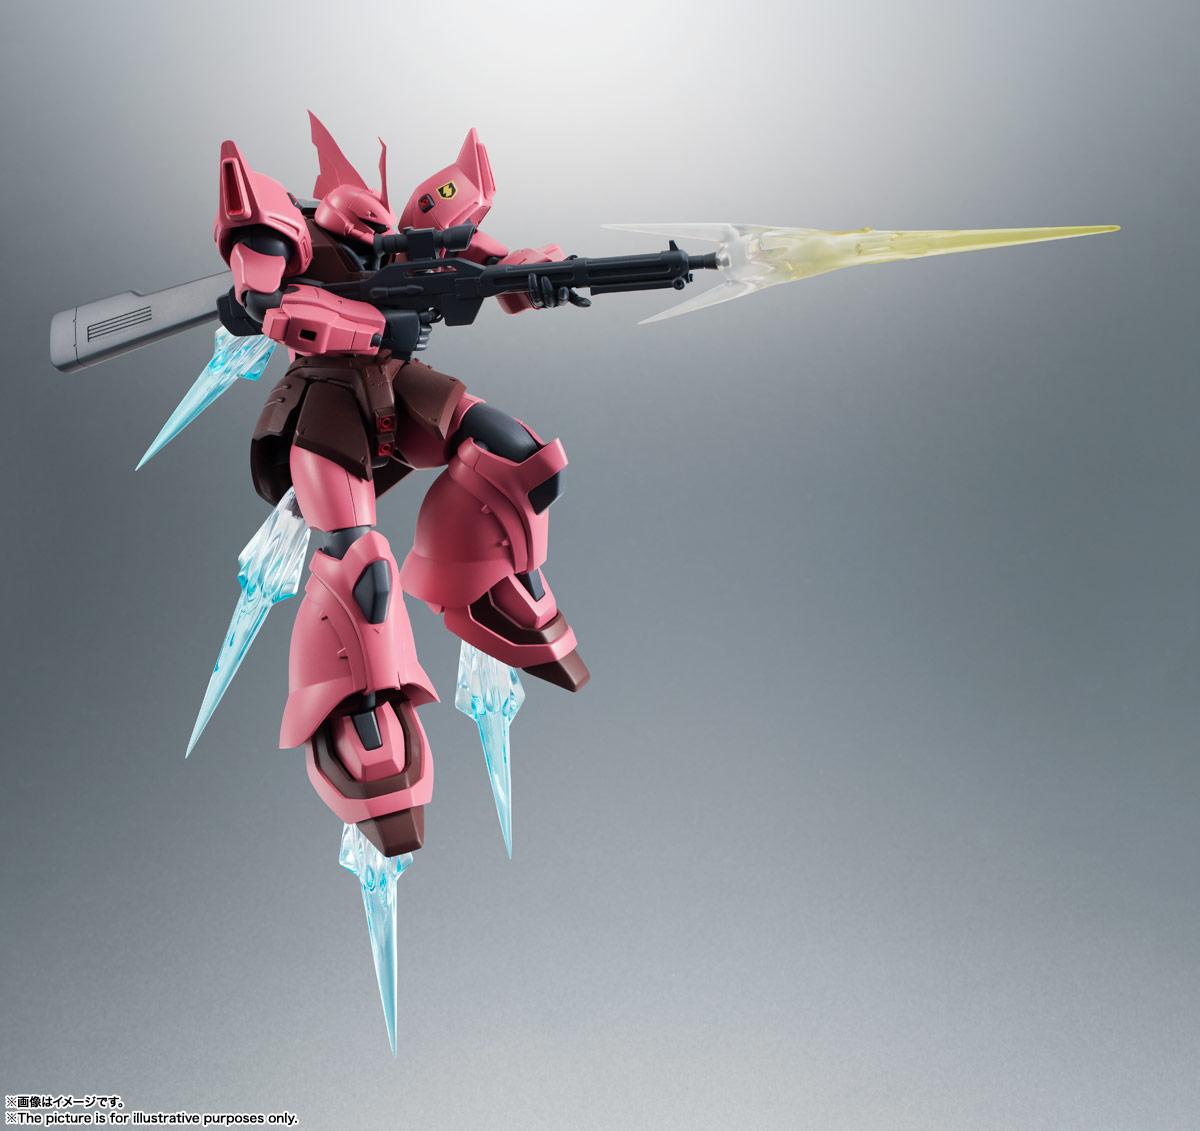 ROBOT魂〈SIDE MS〉『MS-14JG ゲルググJ ver. A.N.I.M.E.』可動フィギュア-009